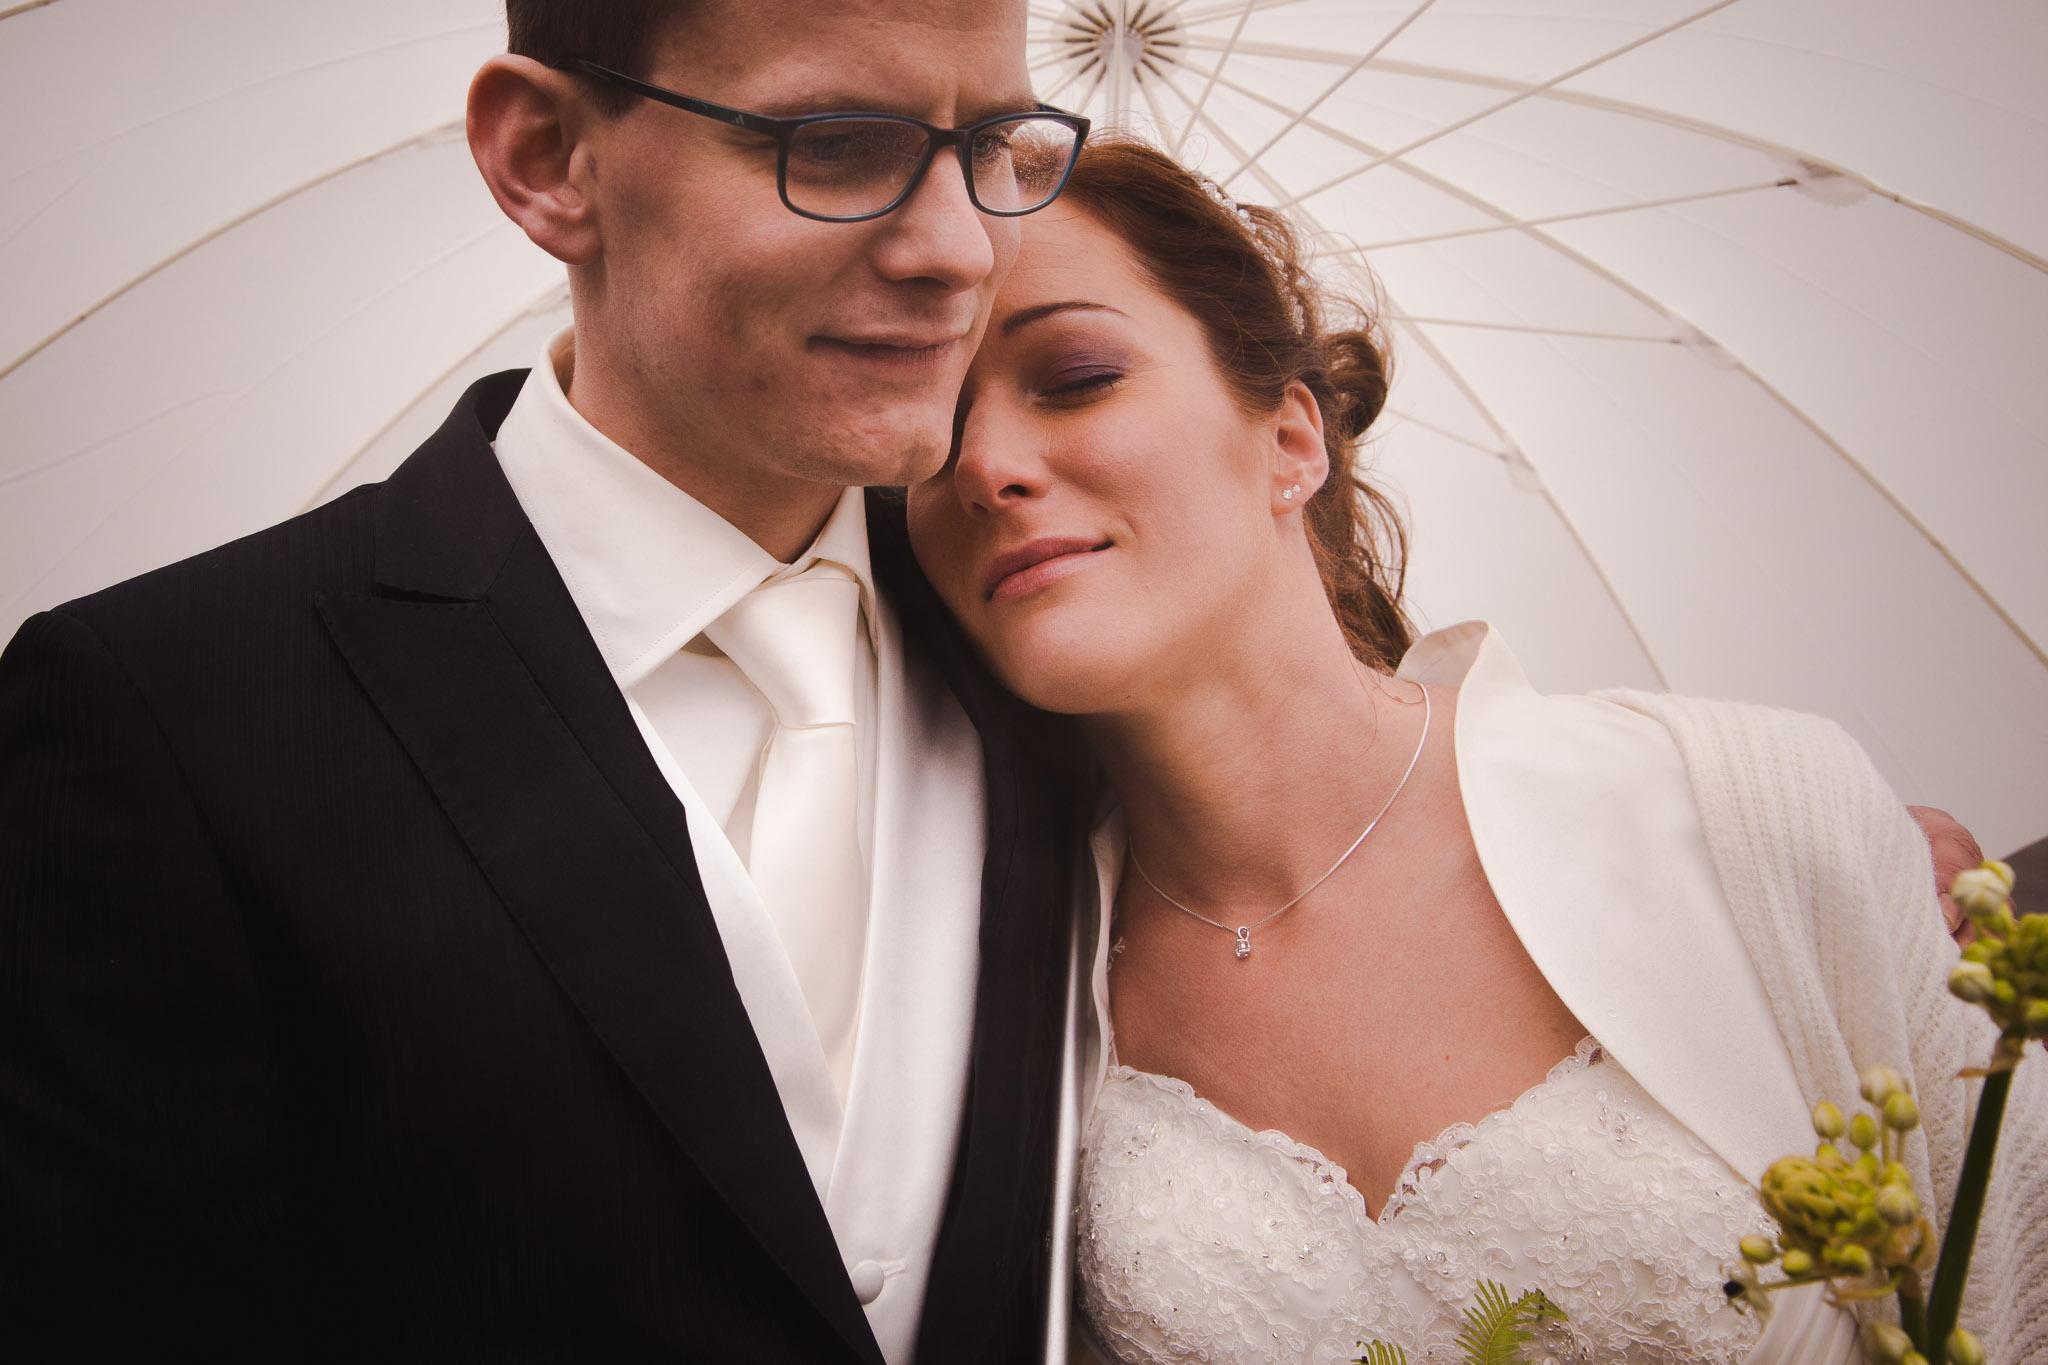 bruiloft veendam reportage anouk hilko samen portret